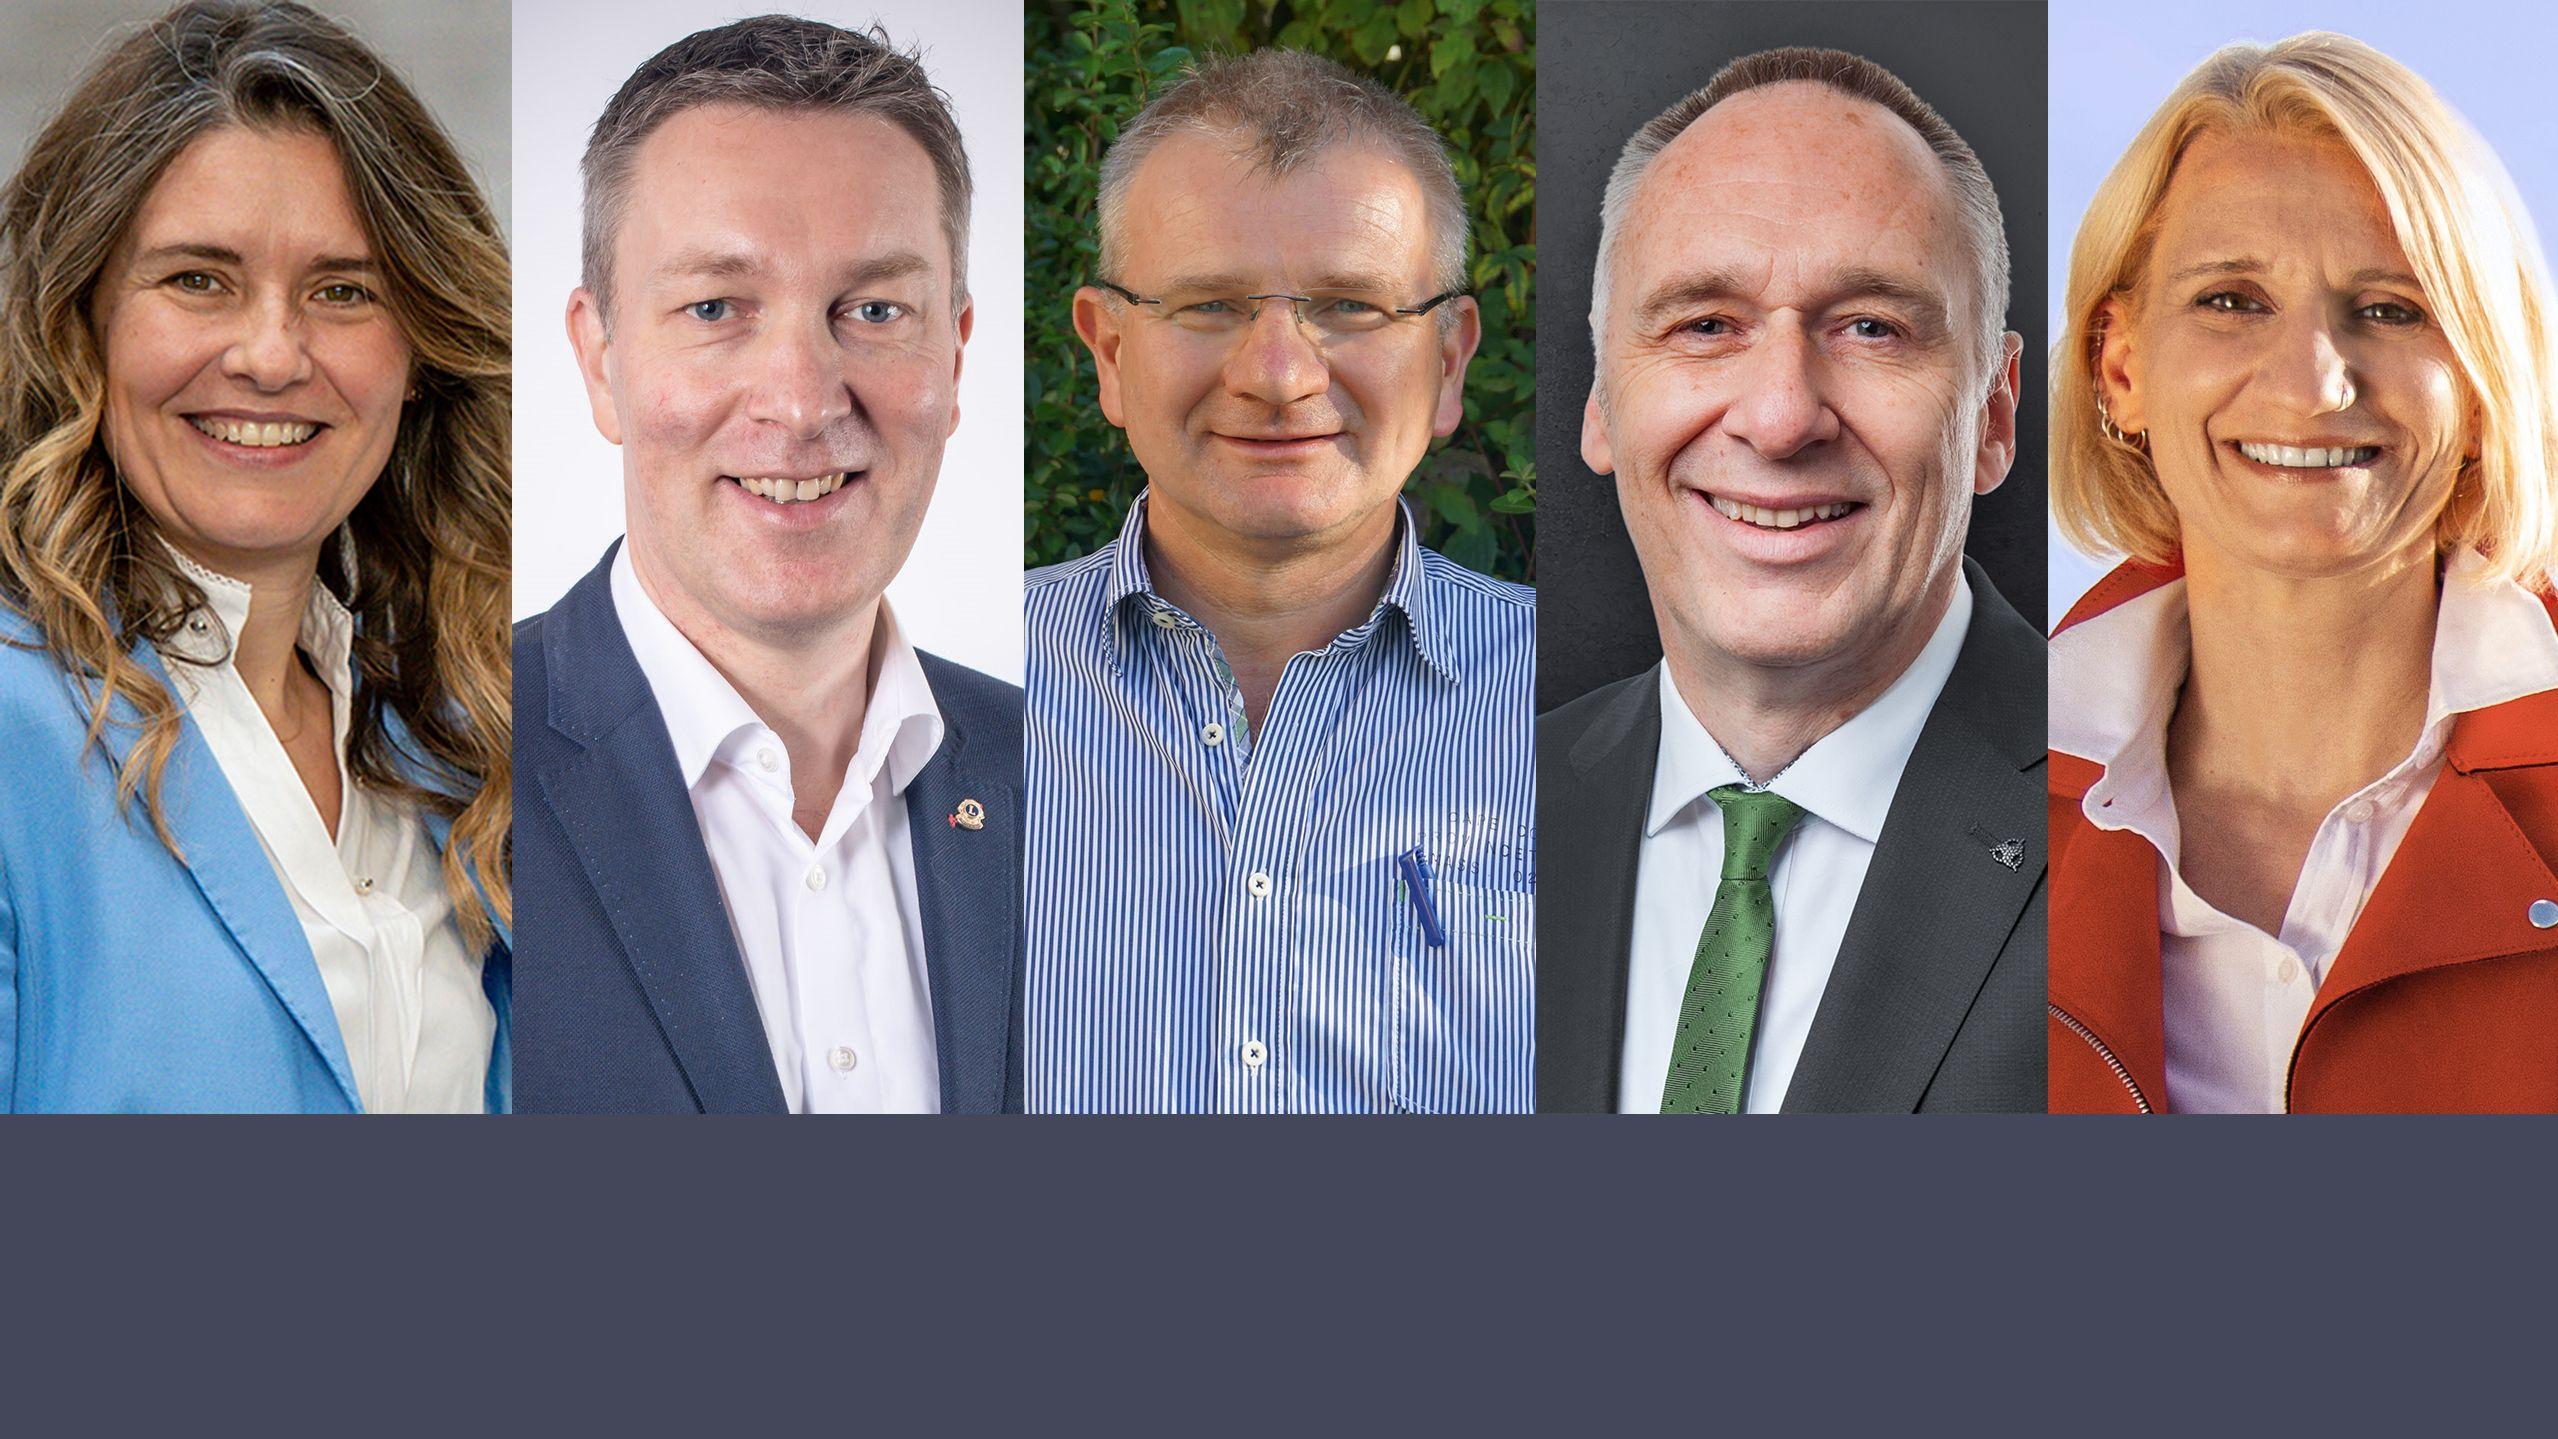 Die fünf Landratskandidaten aus dem Landkreis Main-Spessart: Sabine Sitter (CSU), Christoph Vogel (FW), Hubert Fröhlich (FDP), Christian Baier (Grüne), Pamela Nembach (SPD)